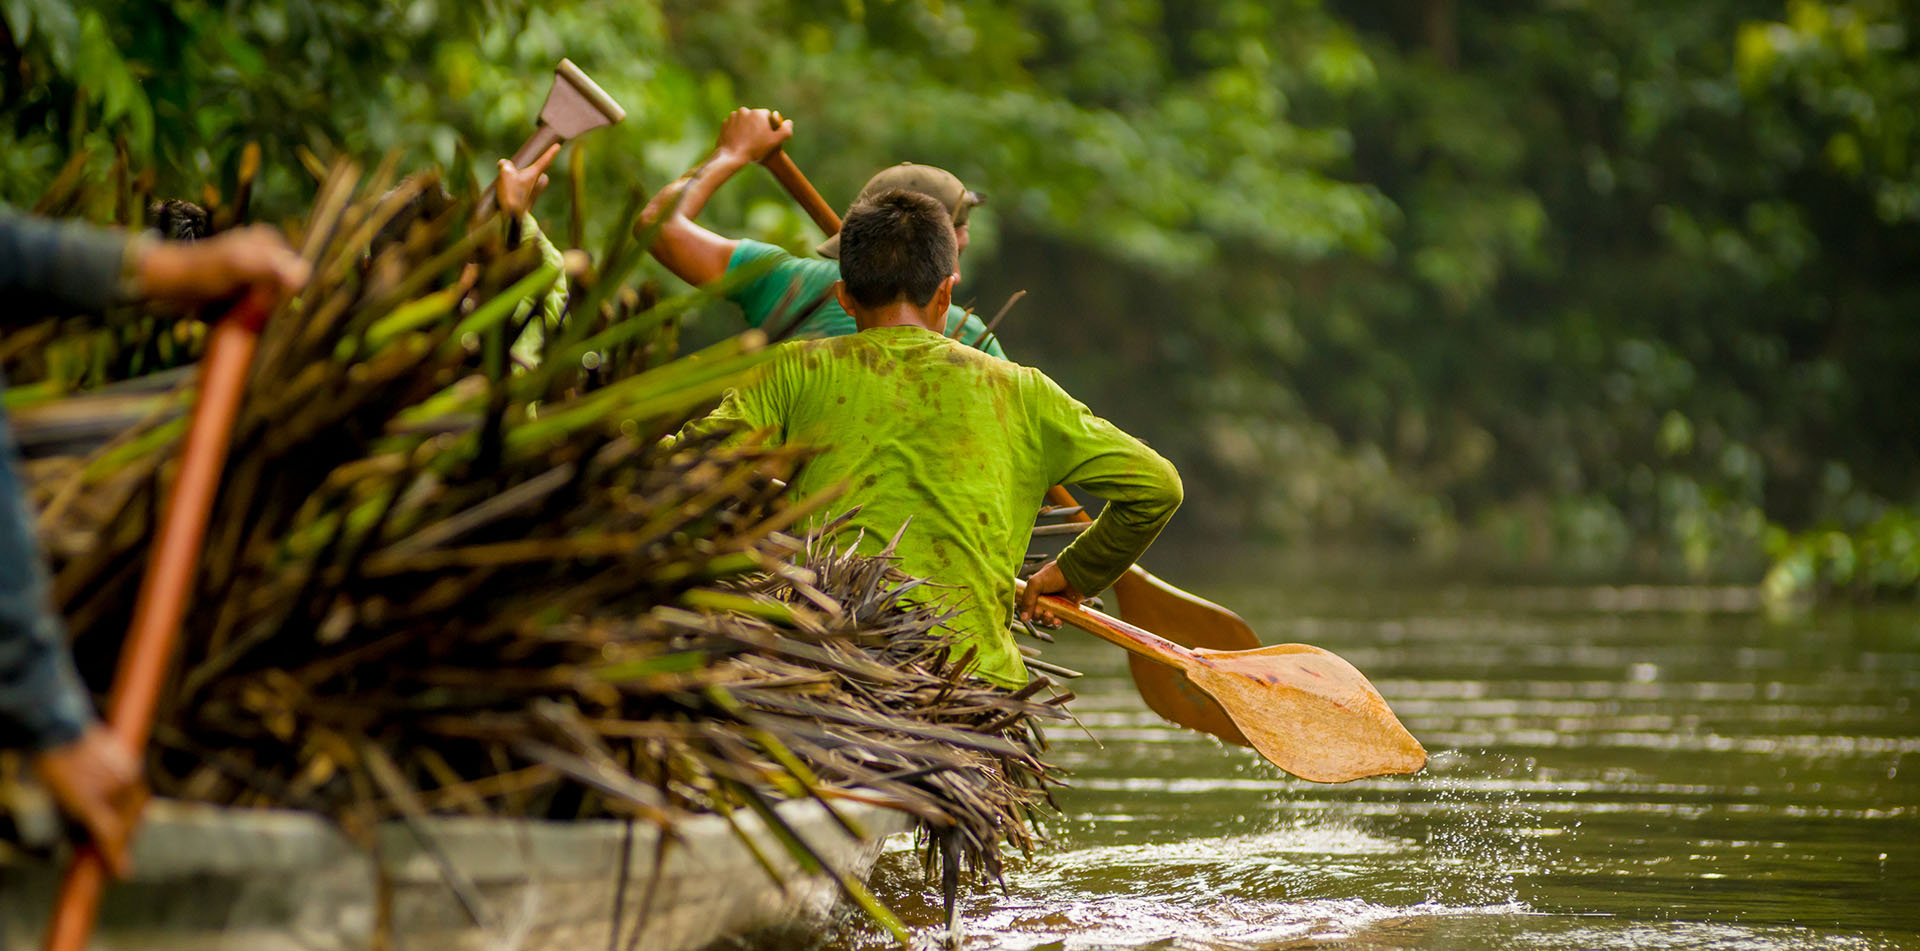 Canoe in Yasuni National Park in Ecuador